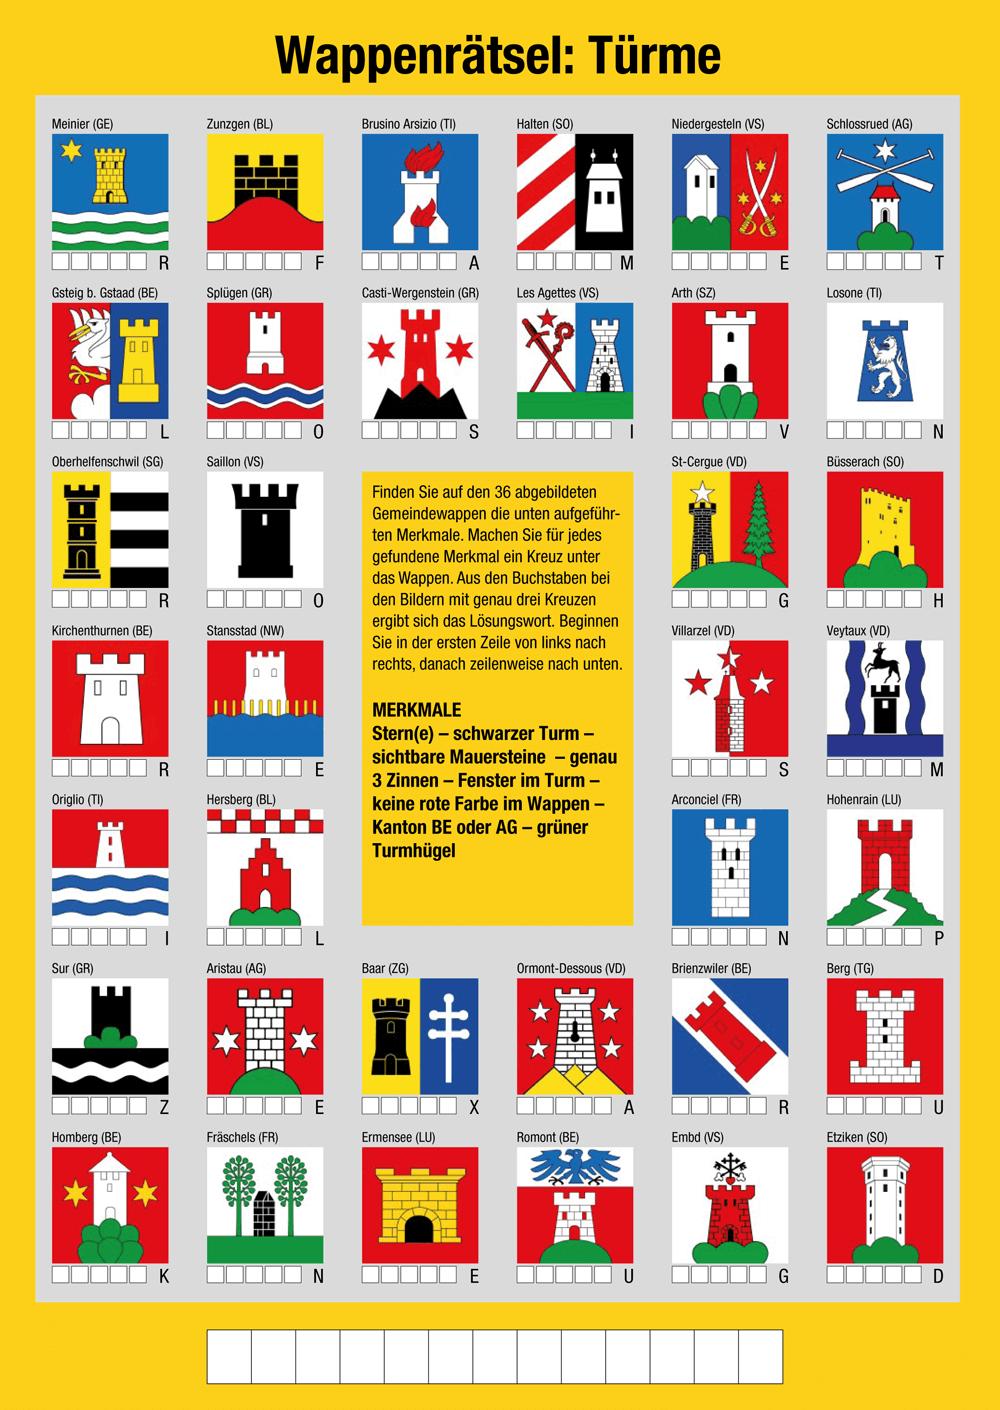 Wappen Rätsel